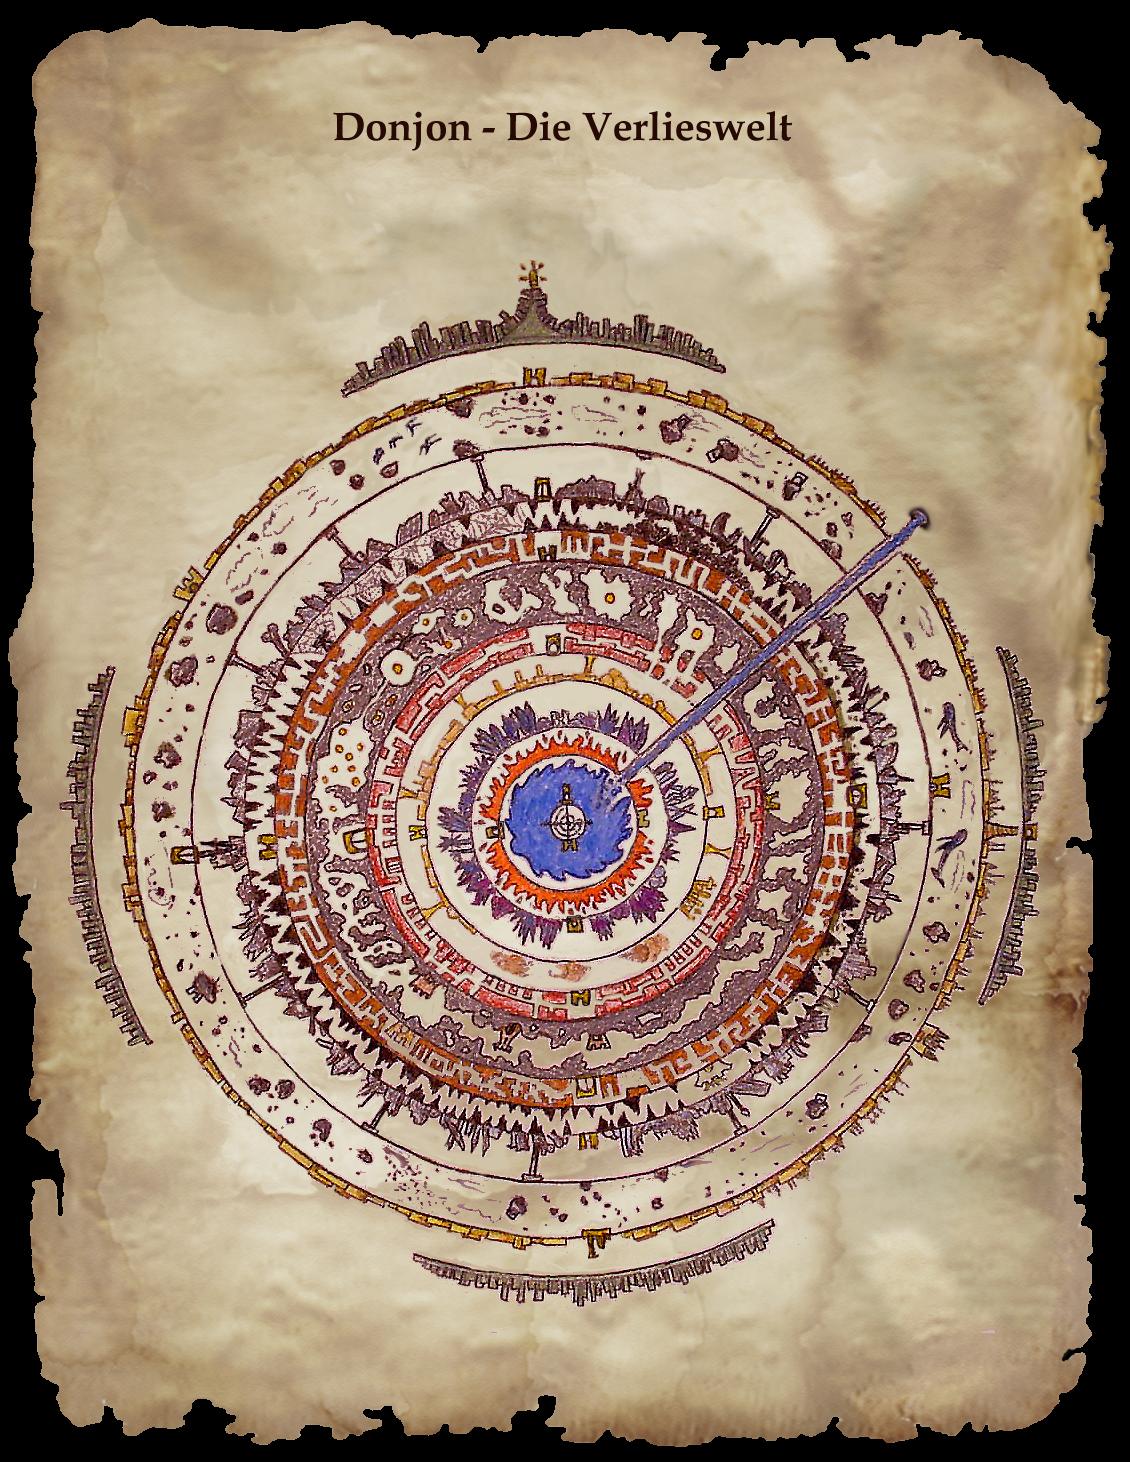 Donjon - die Verlieswelt. Diese Karte stammt aus den Händen der 'Konstrukteure', den Erbauern der Verlieswelt. Sie befindet sich inzwischen im Besitz der Könige von 100 Höhlen.